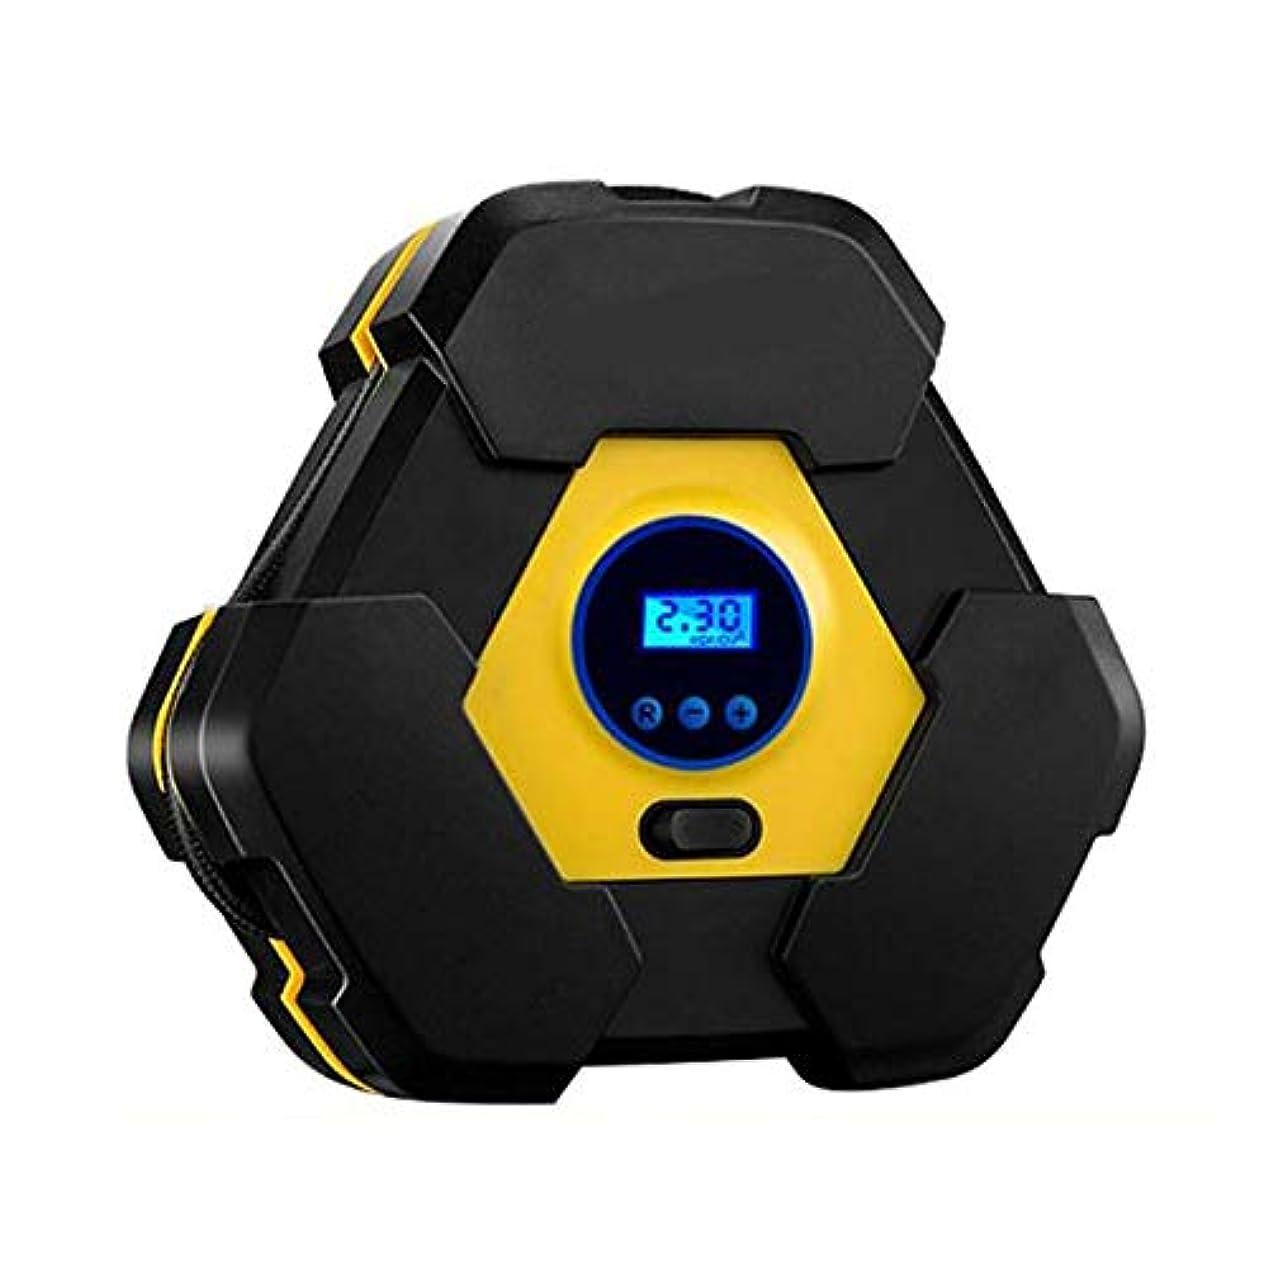 知覚できる反論不誠実自動車タイヤボールインフレータブルオブジェクトのポータブルデジタル表示オートエアーコンプレッサーポンプDC 12V 150PSI